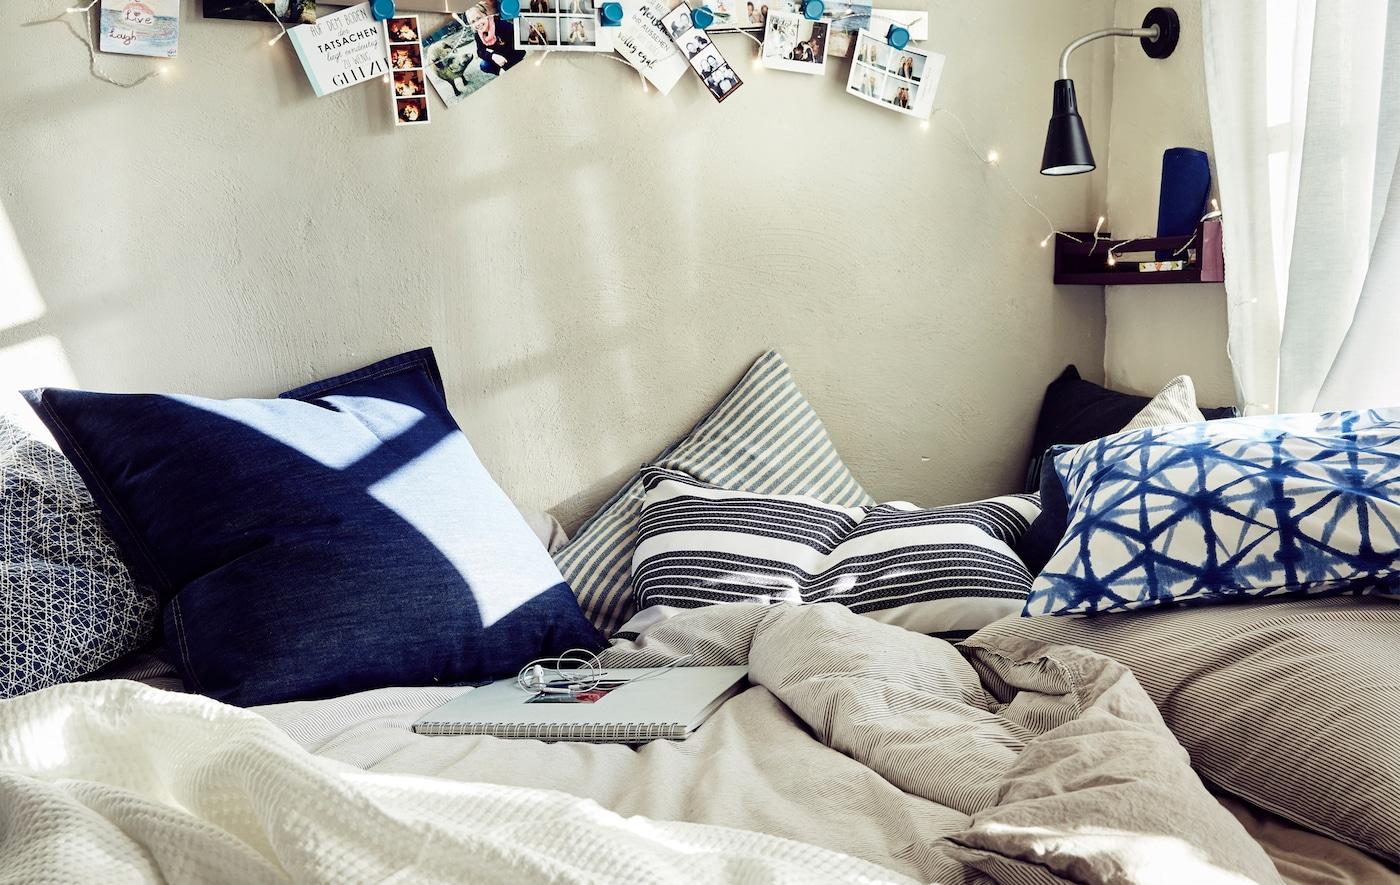 صورة عن قرب لسرير مع أغطية فراش محايدة ووسائد زرقاء منقوشة.